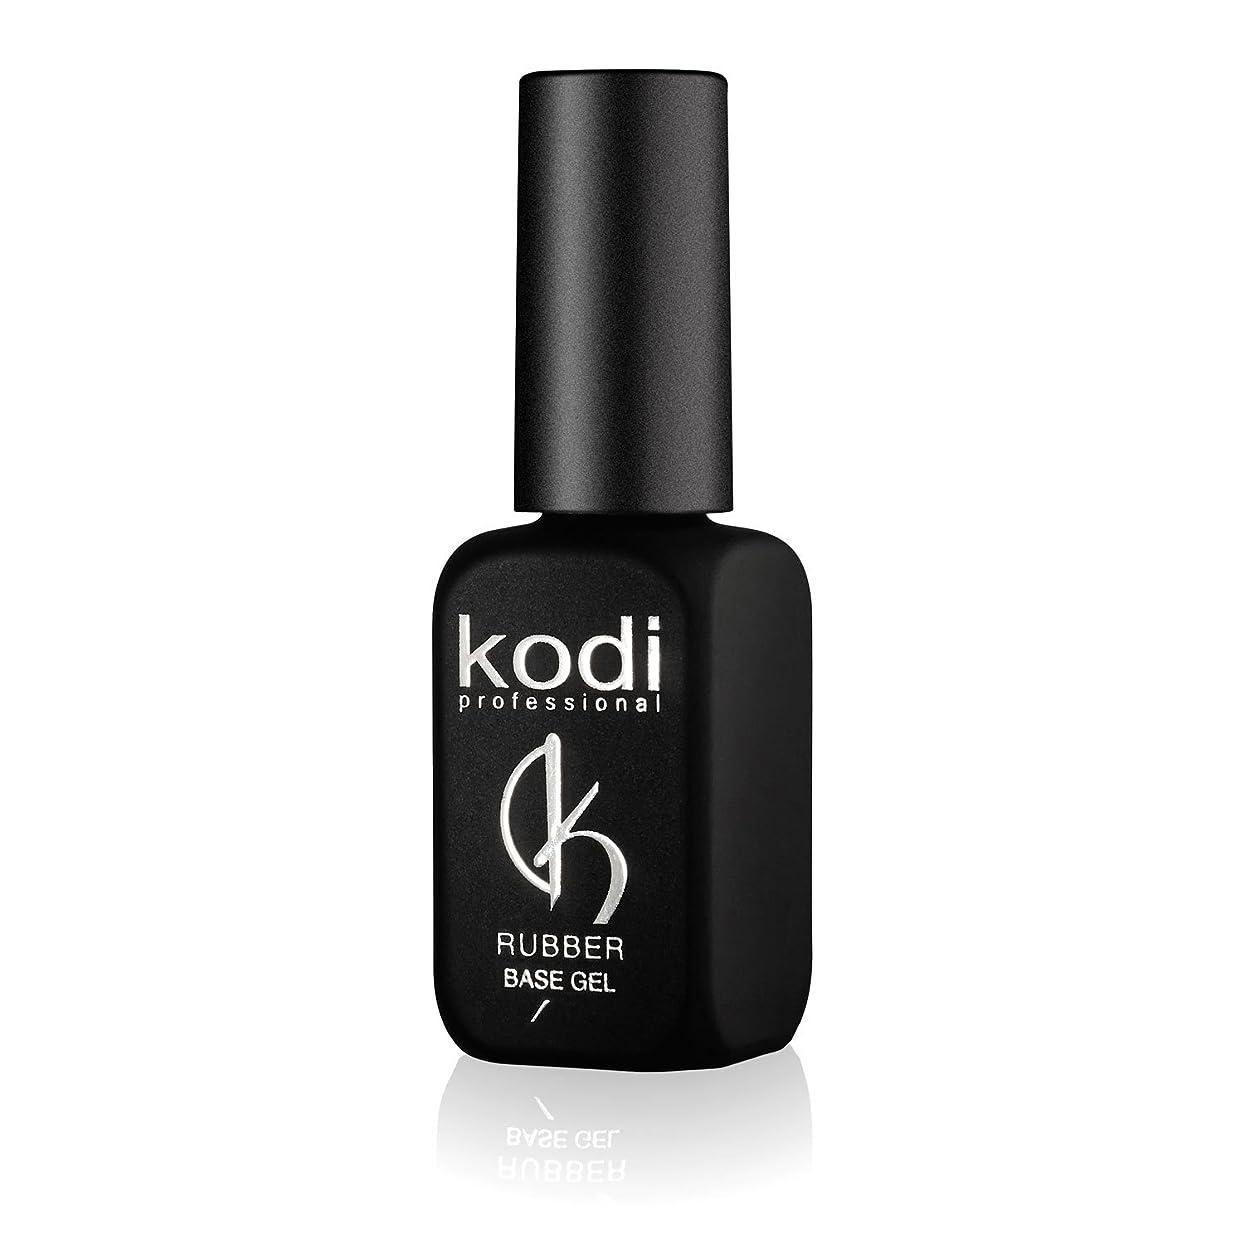 検索エンジン最適化受信機援助するProfessional Rubber Base Gel By Kodi   12ml 0.42 oz   Soak Off, Polish Fingernails Coat Gel   For Long Lasting Nails Layer   Easy To Use, Non-Toxic & Scentless   Cure Under LED Or UV Lamp